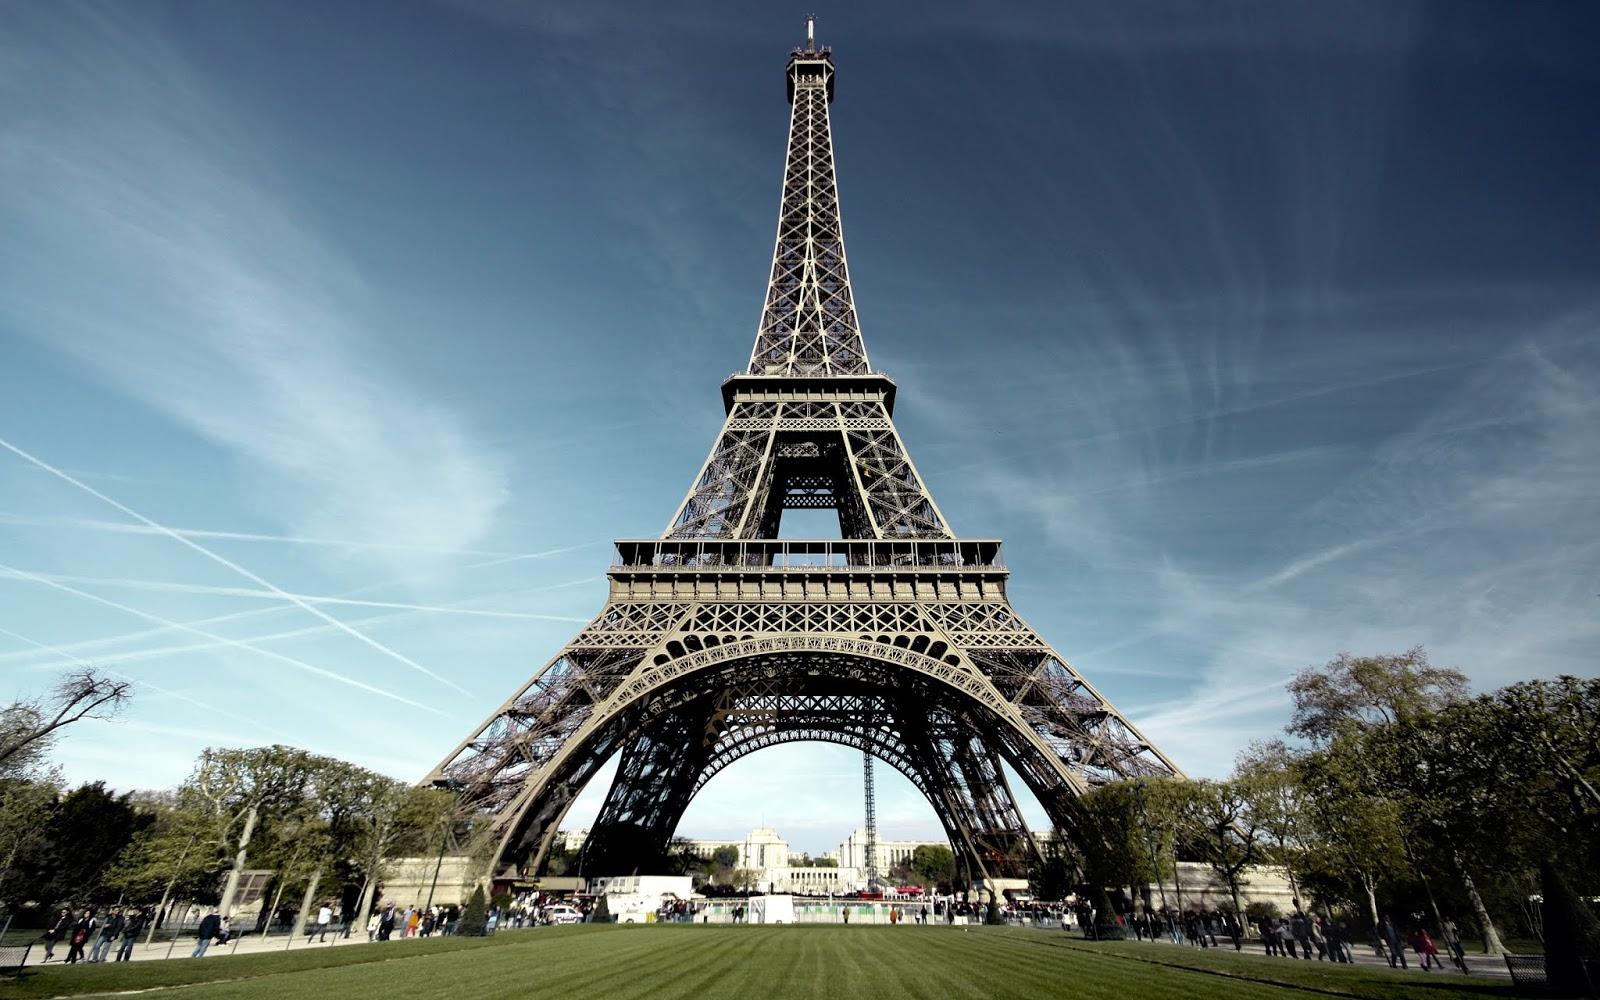 افضل 3 انشطة عند زيارة غابة بولونيا في باريس فرنسا